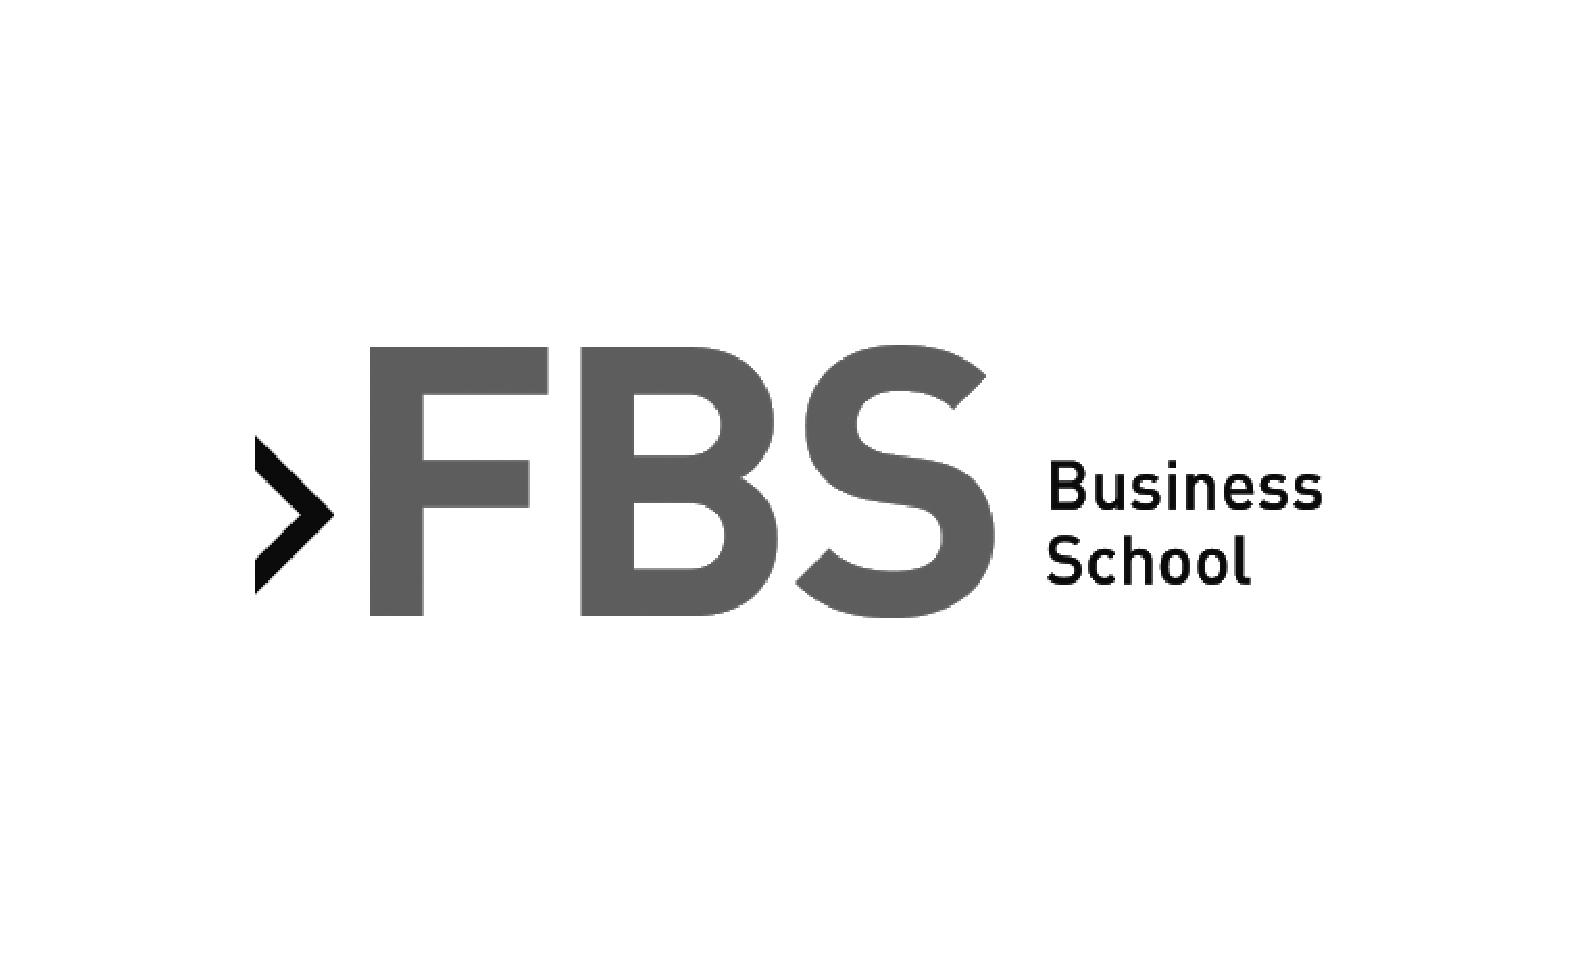 Logos FBS